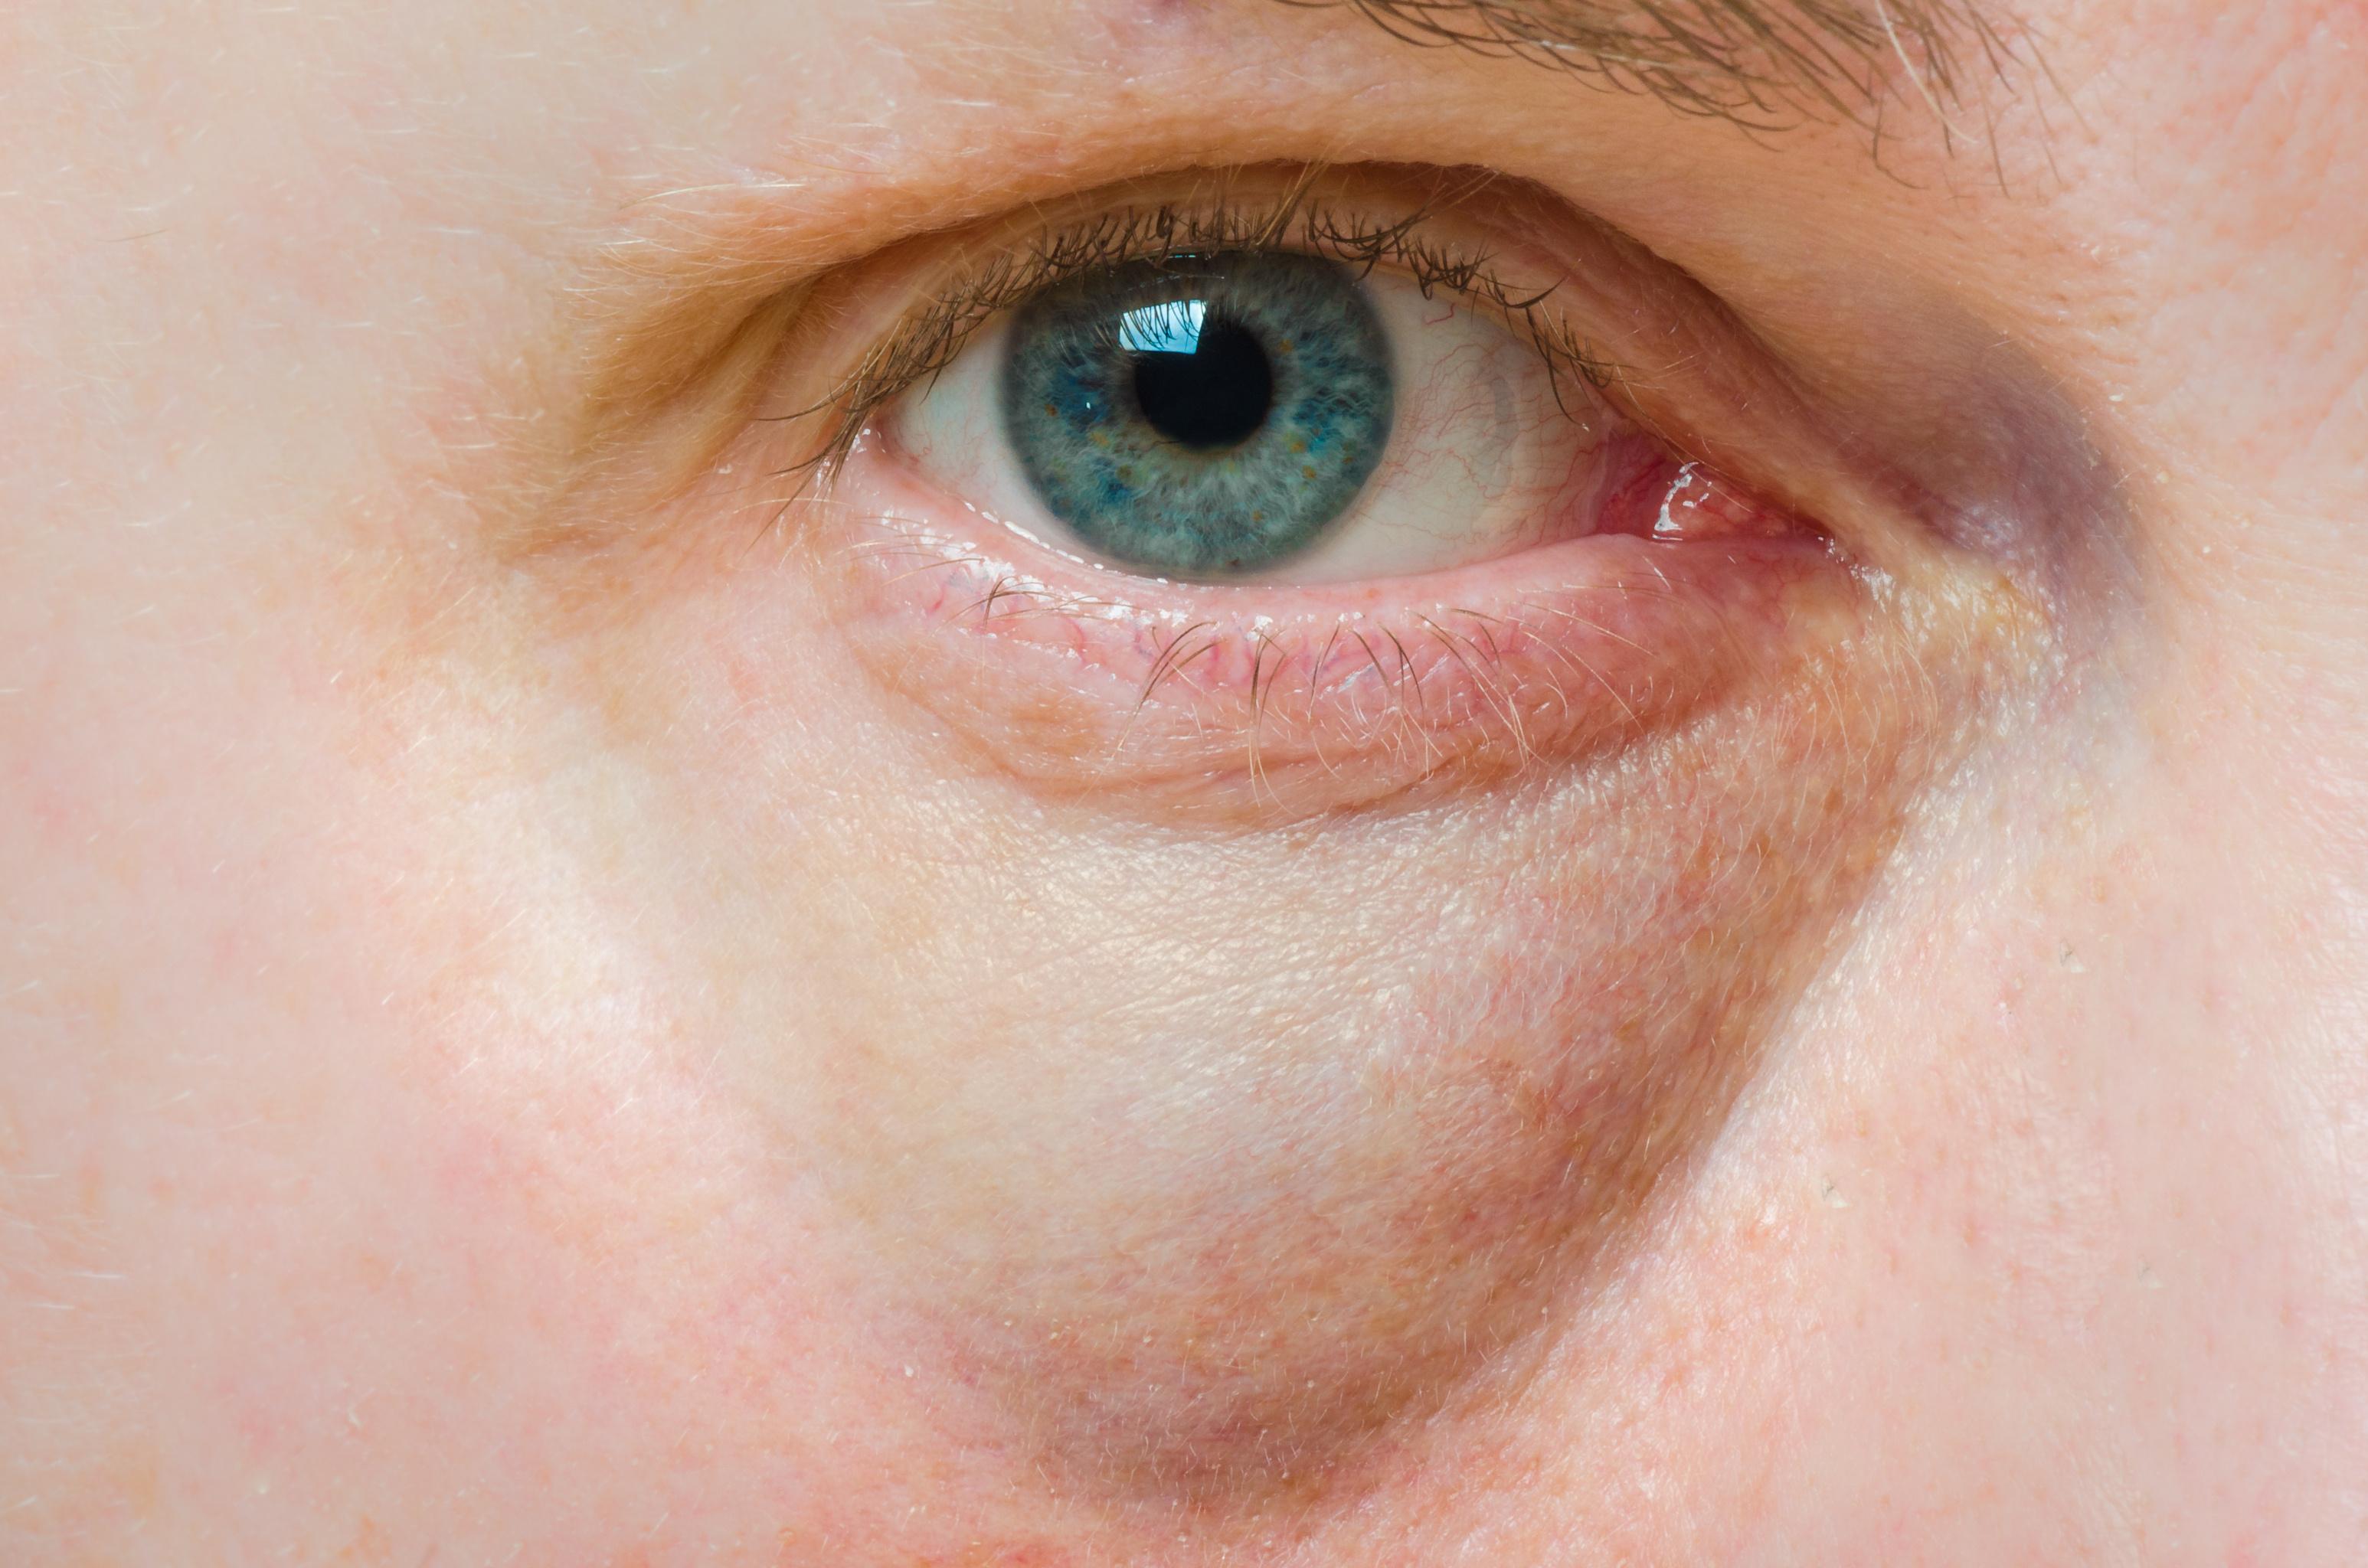 viszkető vörös folt a szem alatt)